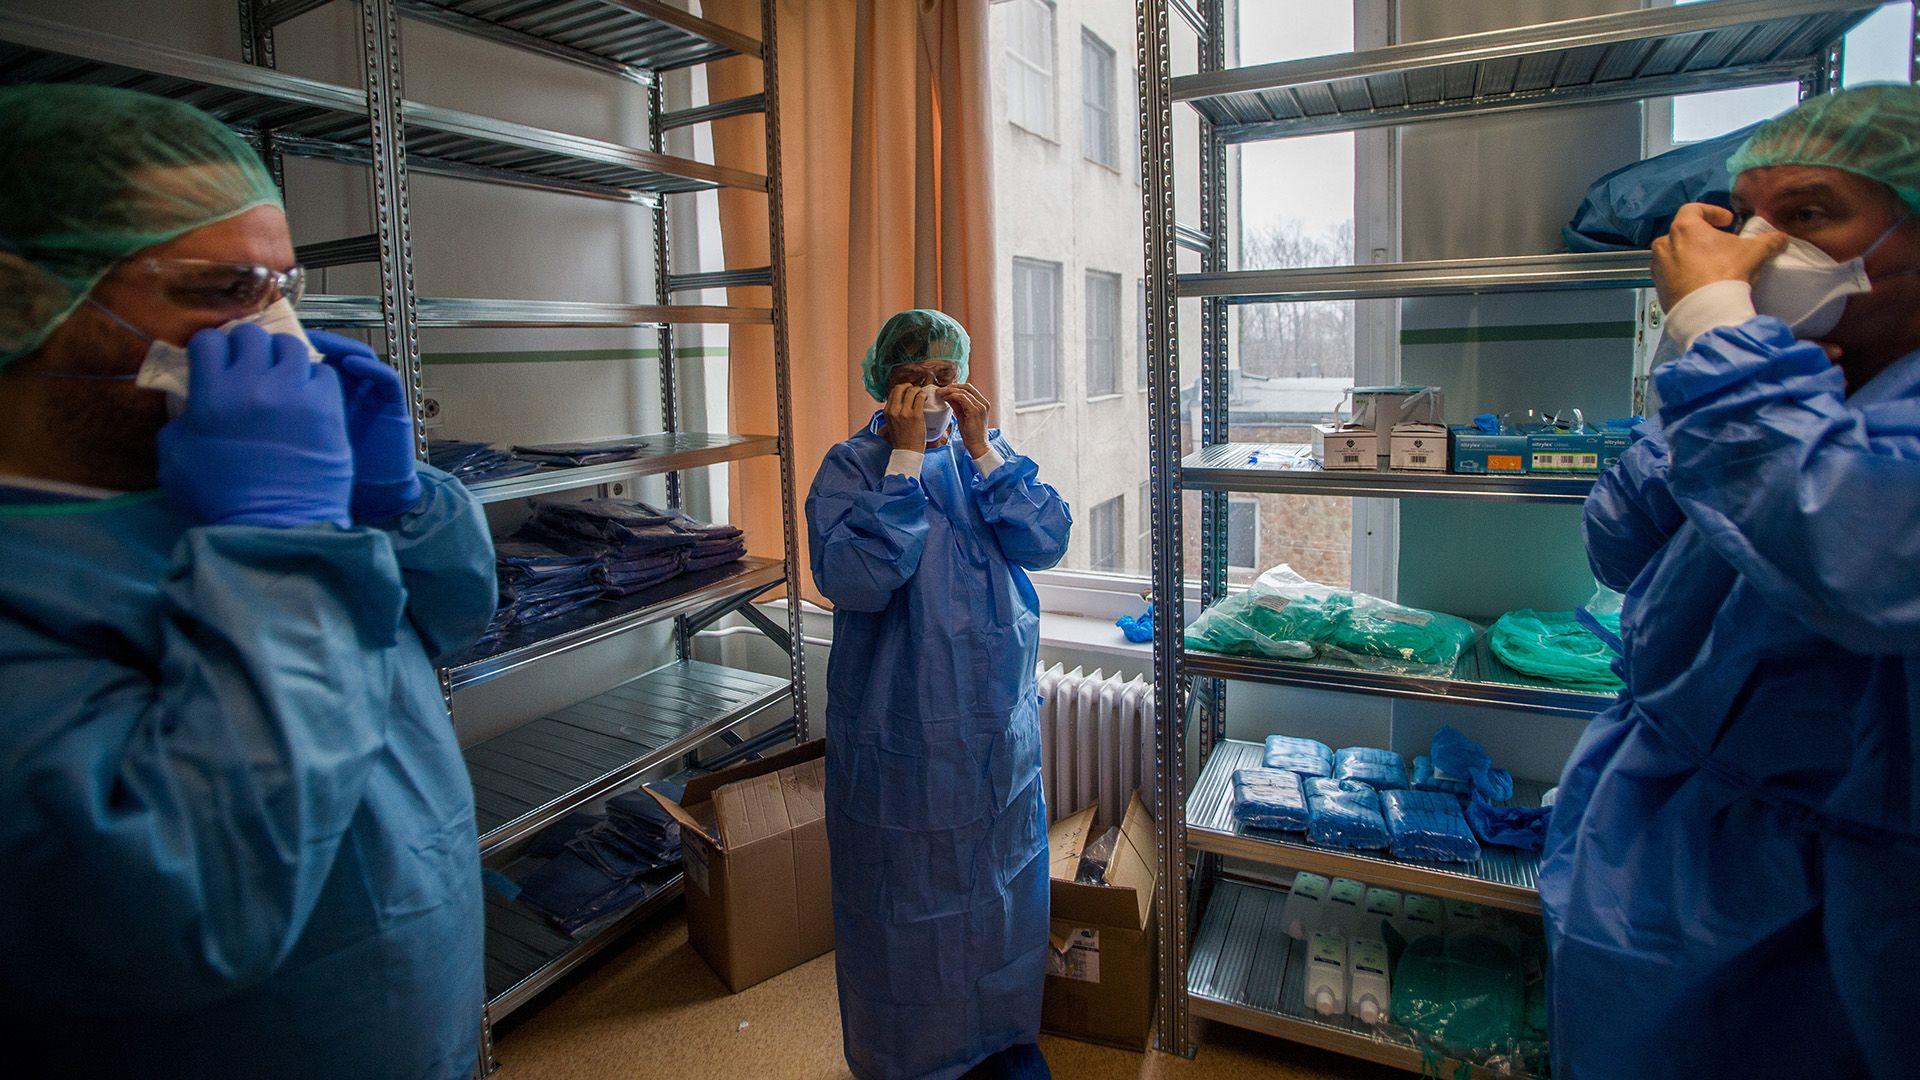 Orvosok védőfelszerelésben a koronavírussal fertőzött betegek fogadására kialakított részlegen az Országos Korányi Pulmonológiai Intézetben 2020. március 25-én (fotó: MTI/Balogh Zoltán)